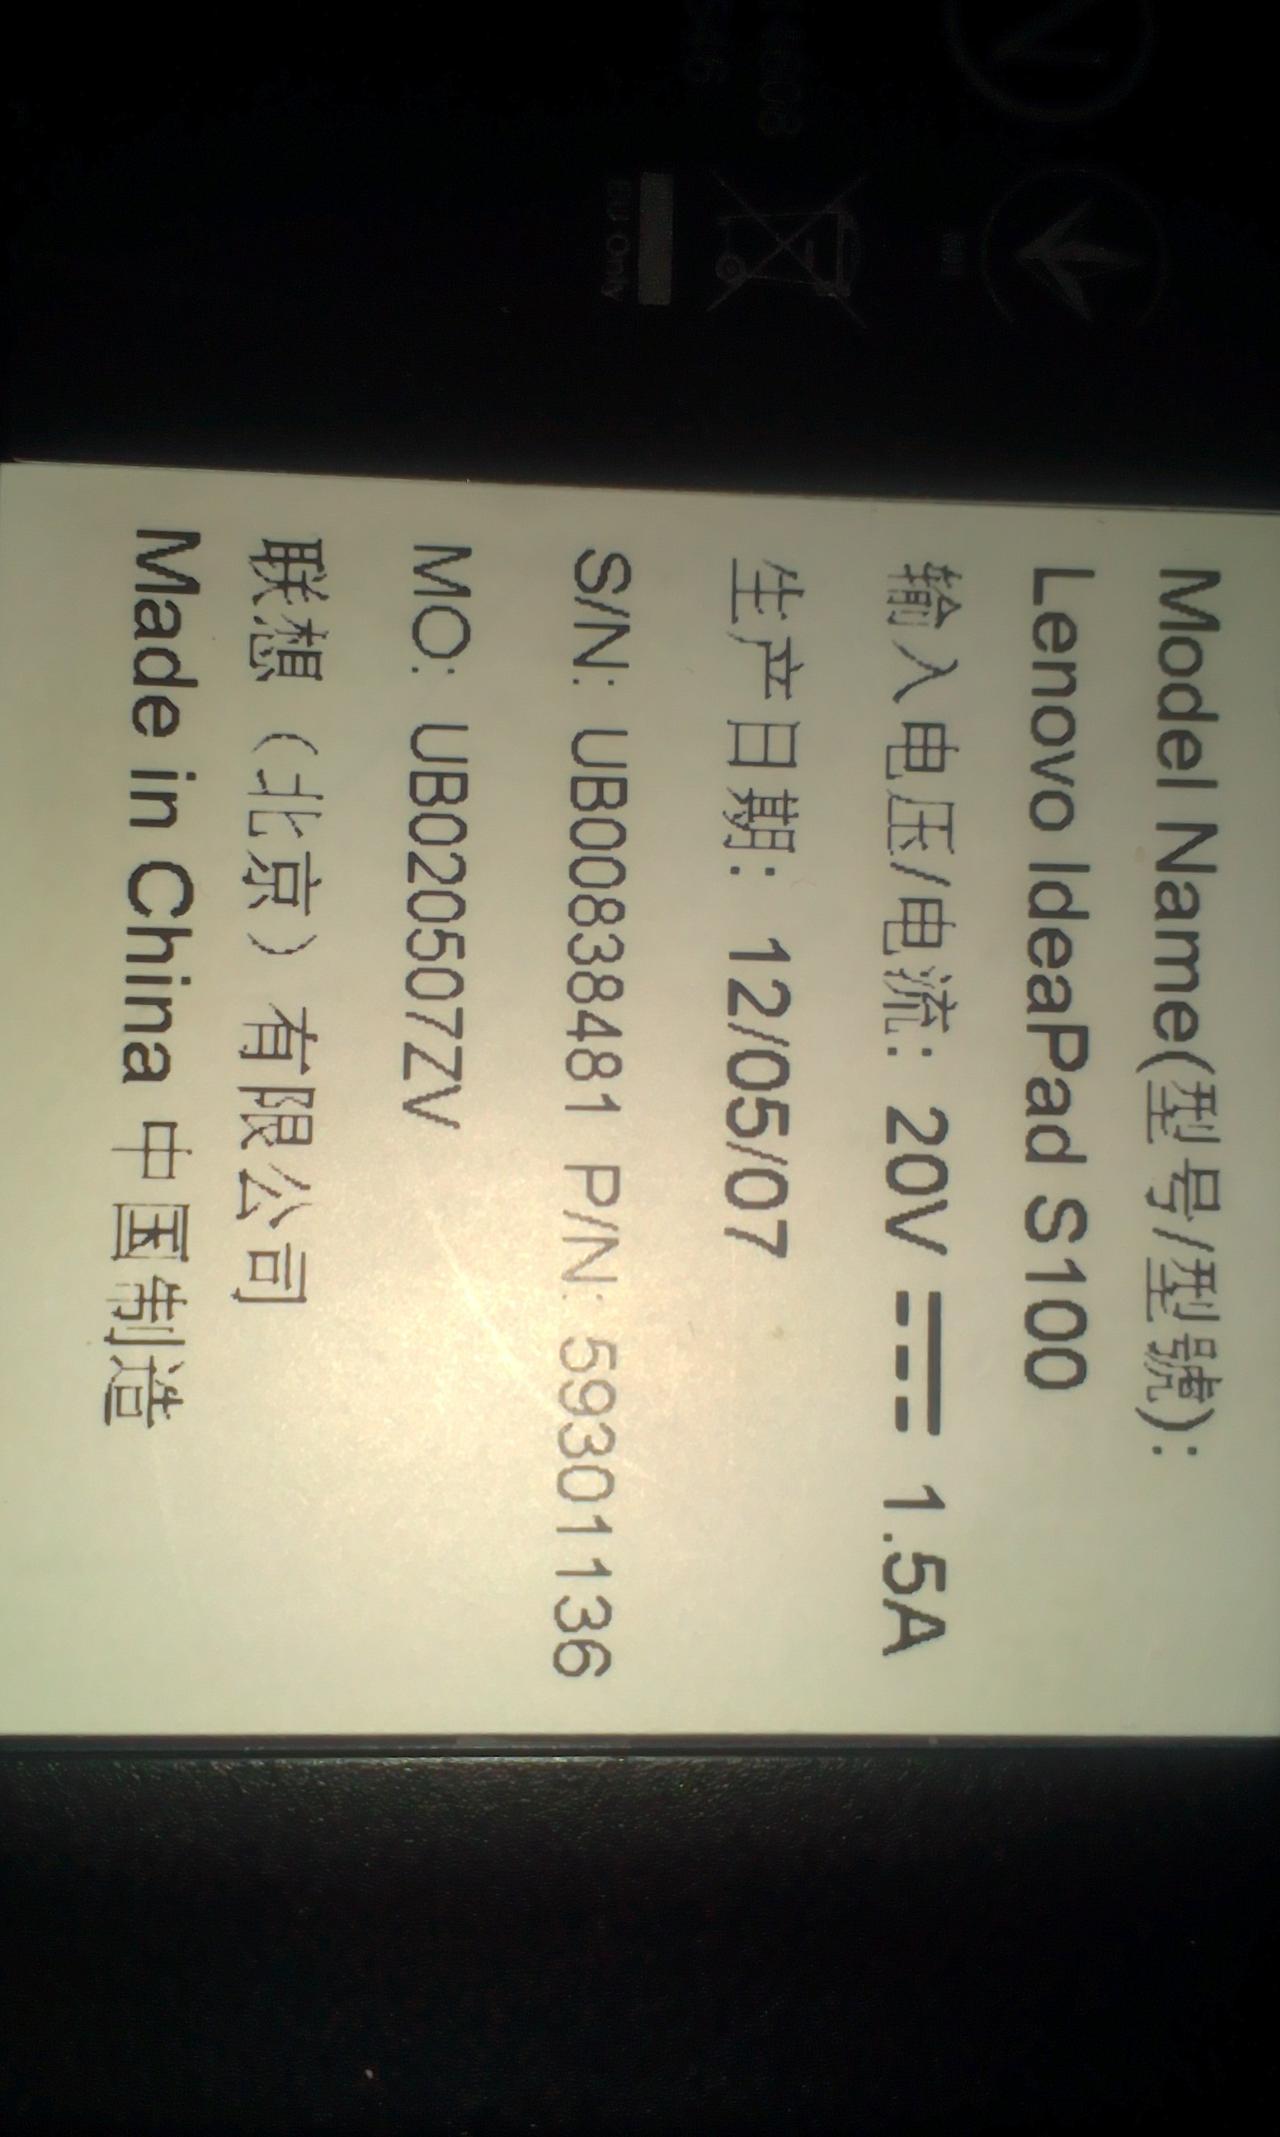 自用联想s100上网本1300元